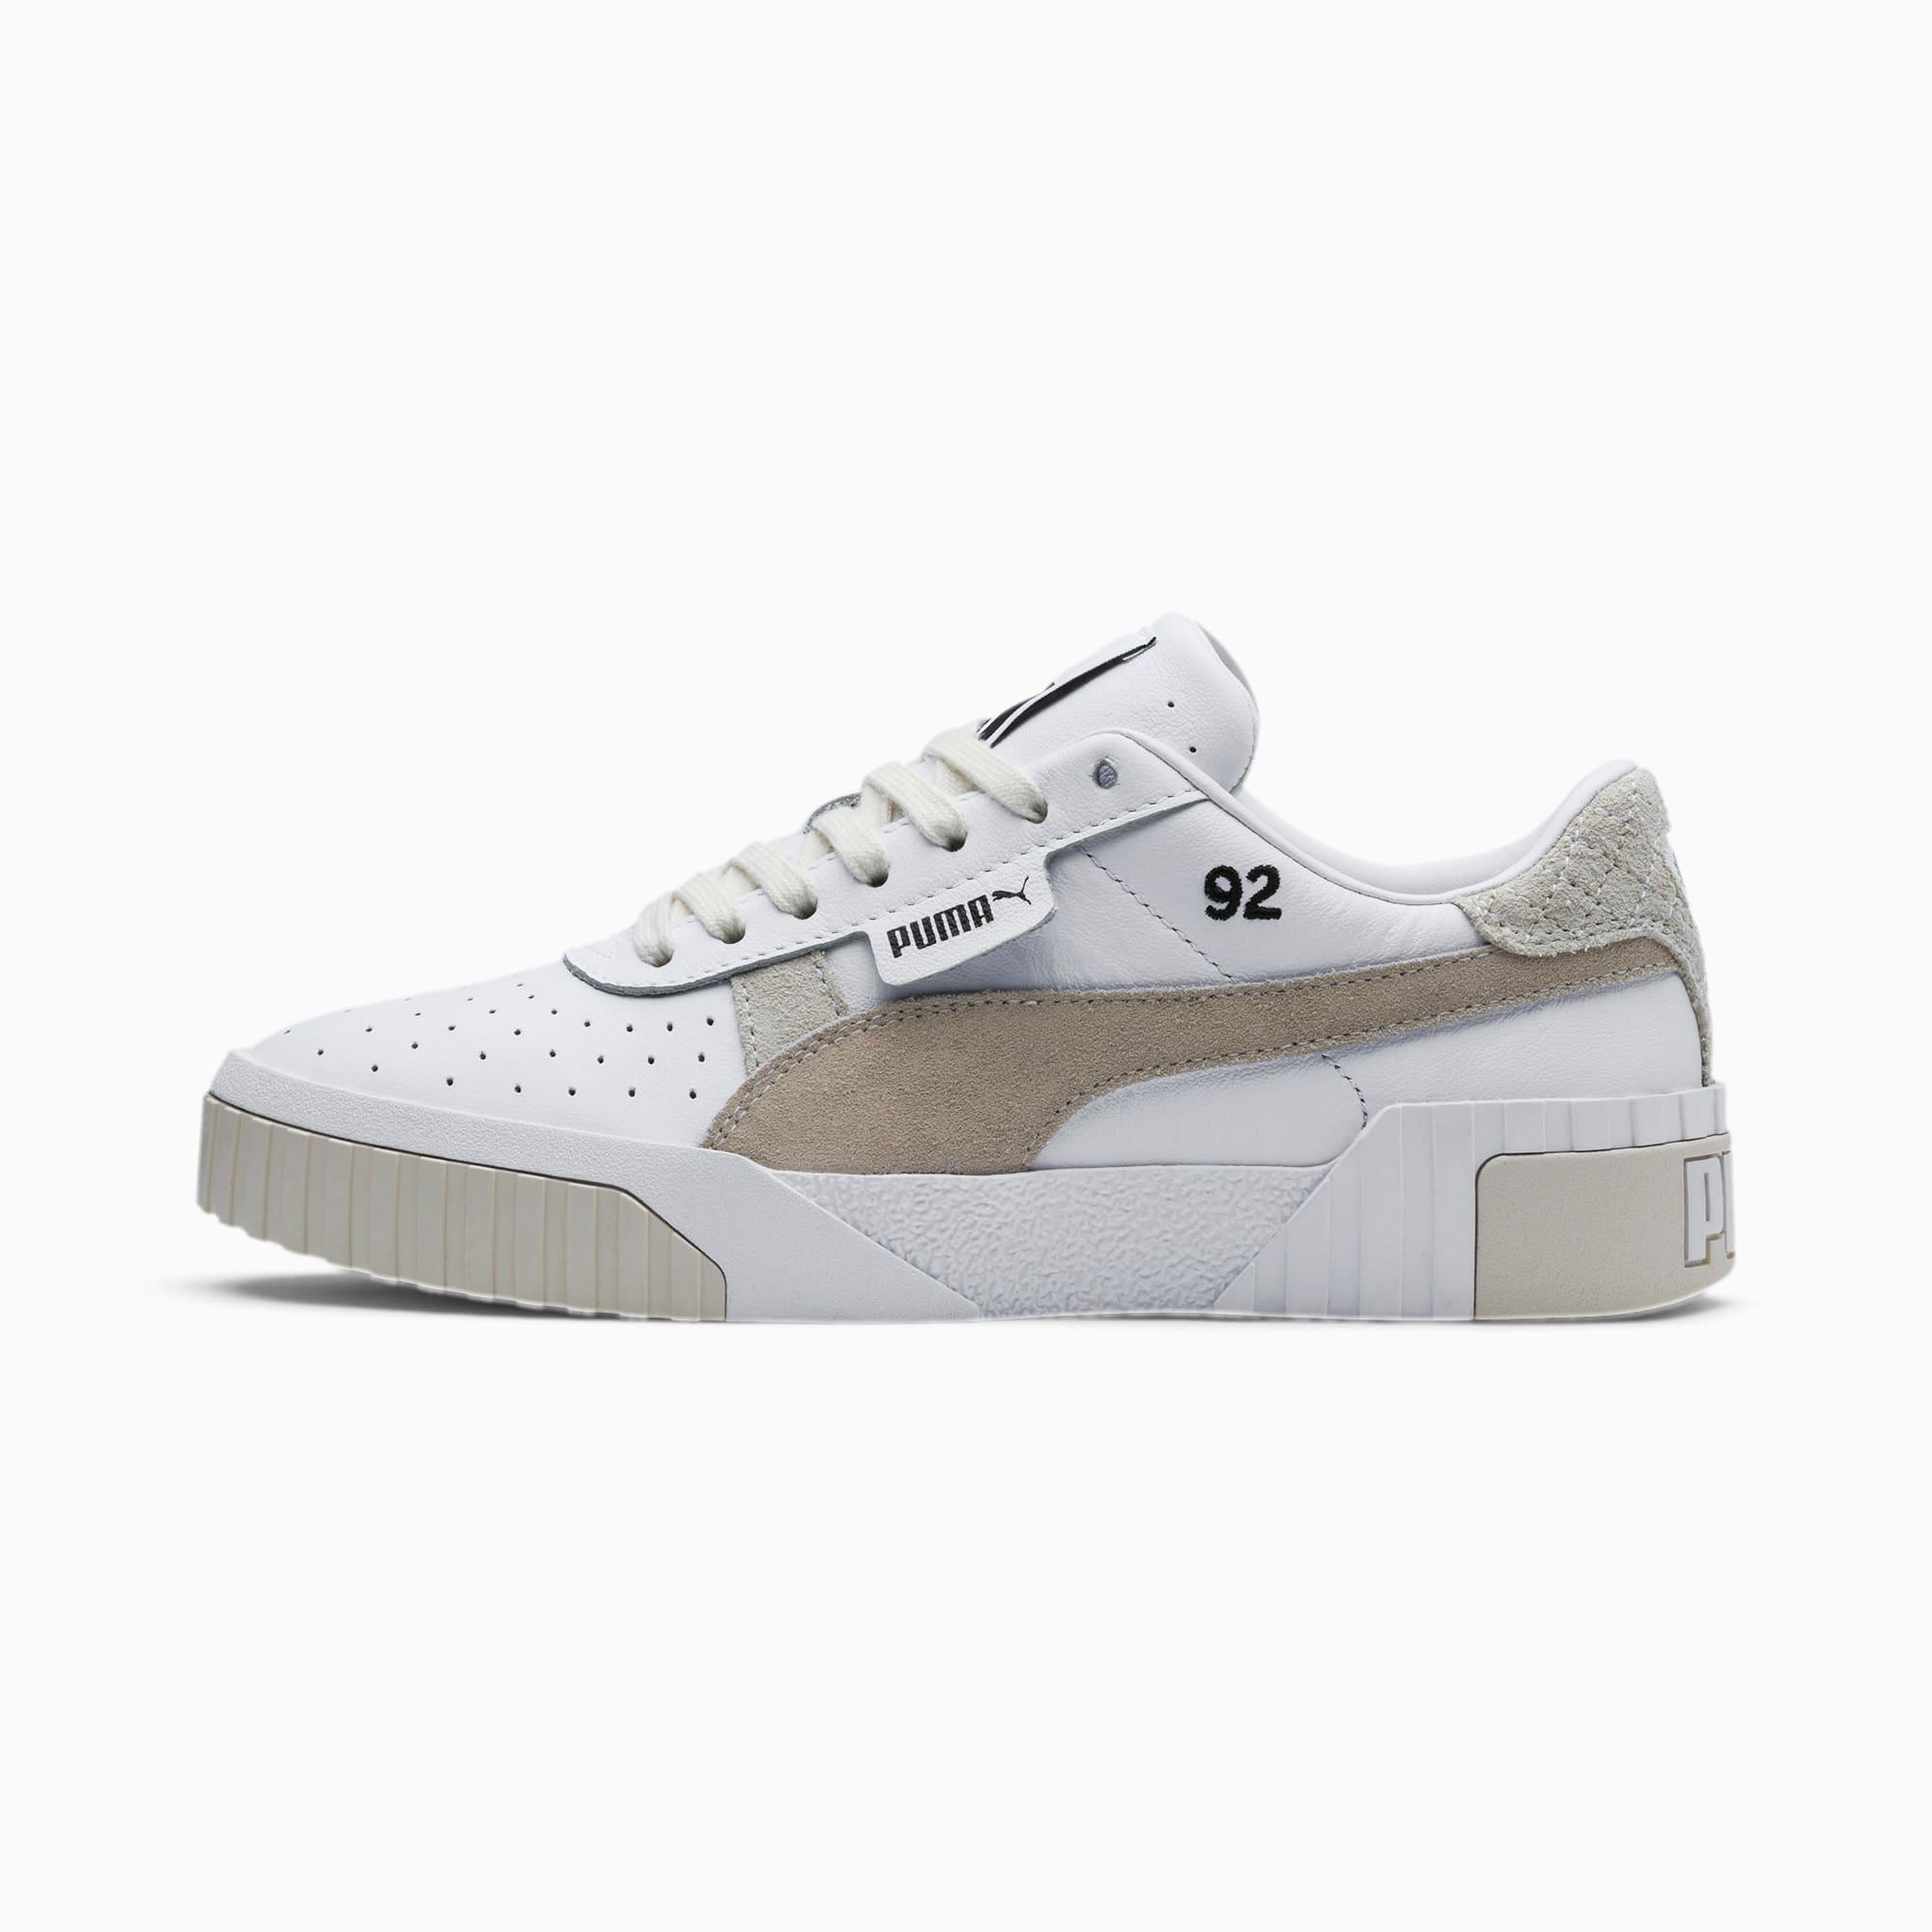 PUMA Chaussure Basket PUMA x SELENA GOMEZ Cali Lthr Suede pour Femme, Argent/Gris/Blanc, Taille 40, Chaussures